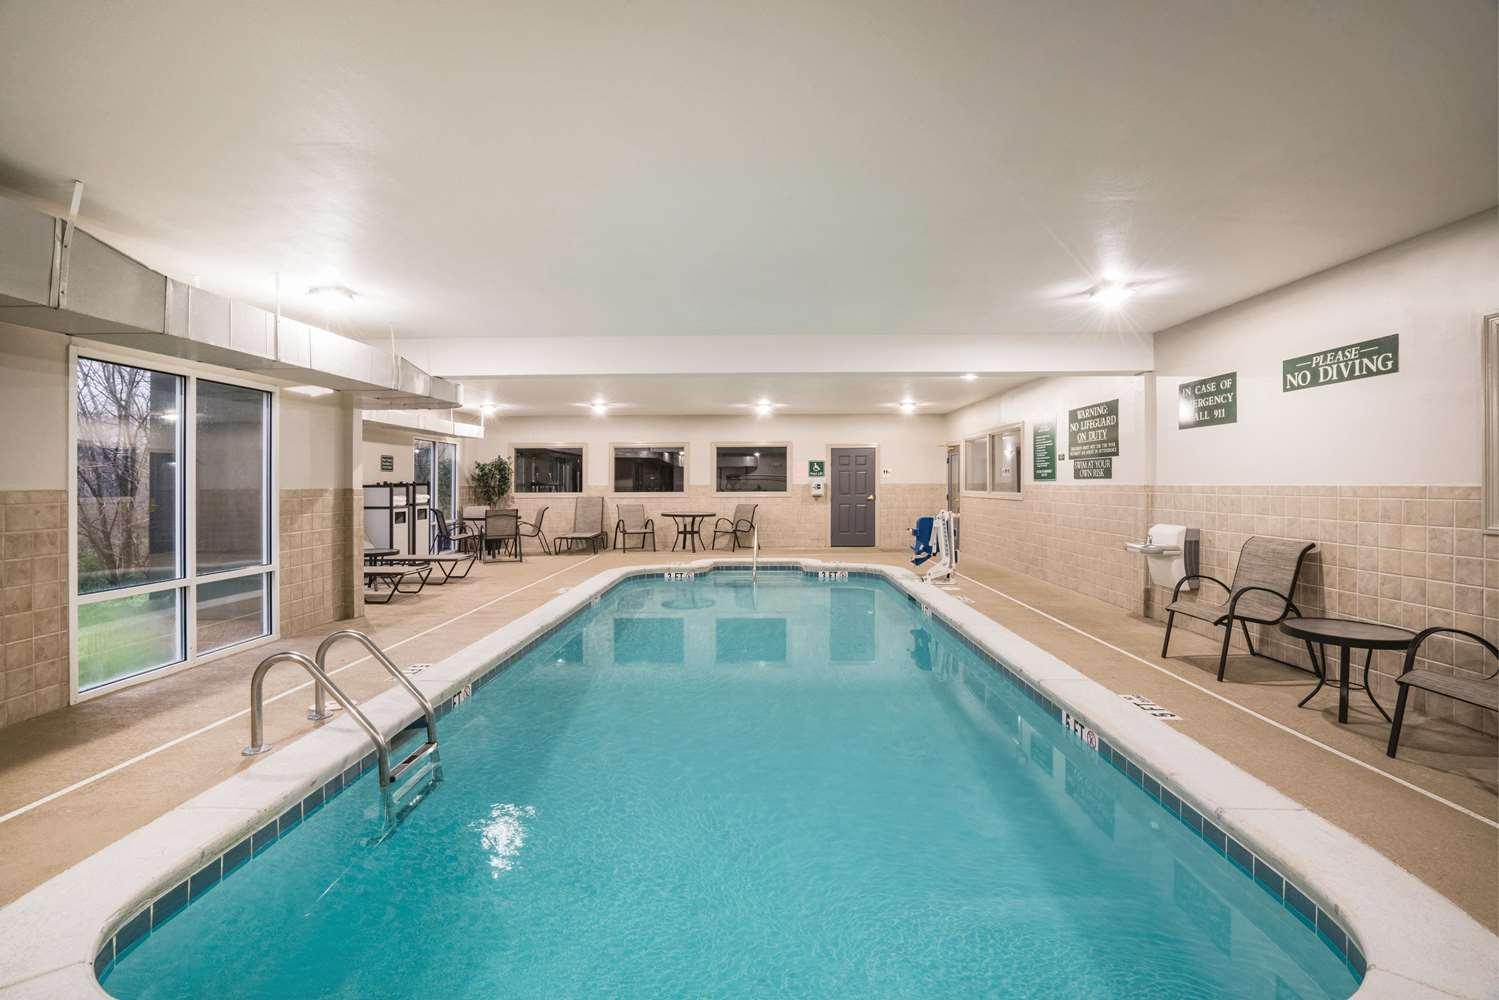 Pool - La Quinta Inn & Suites Hixson